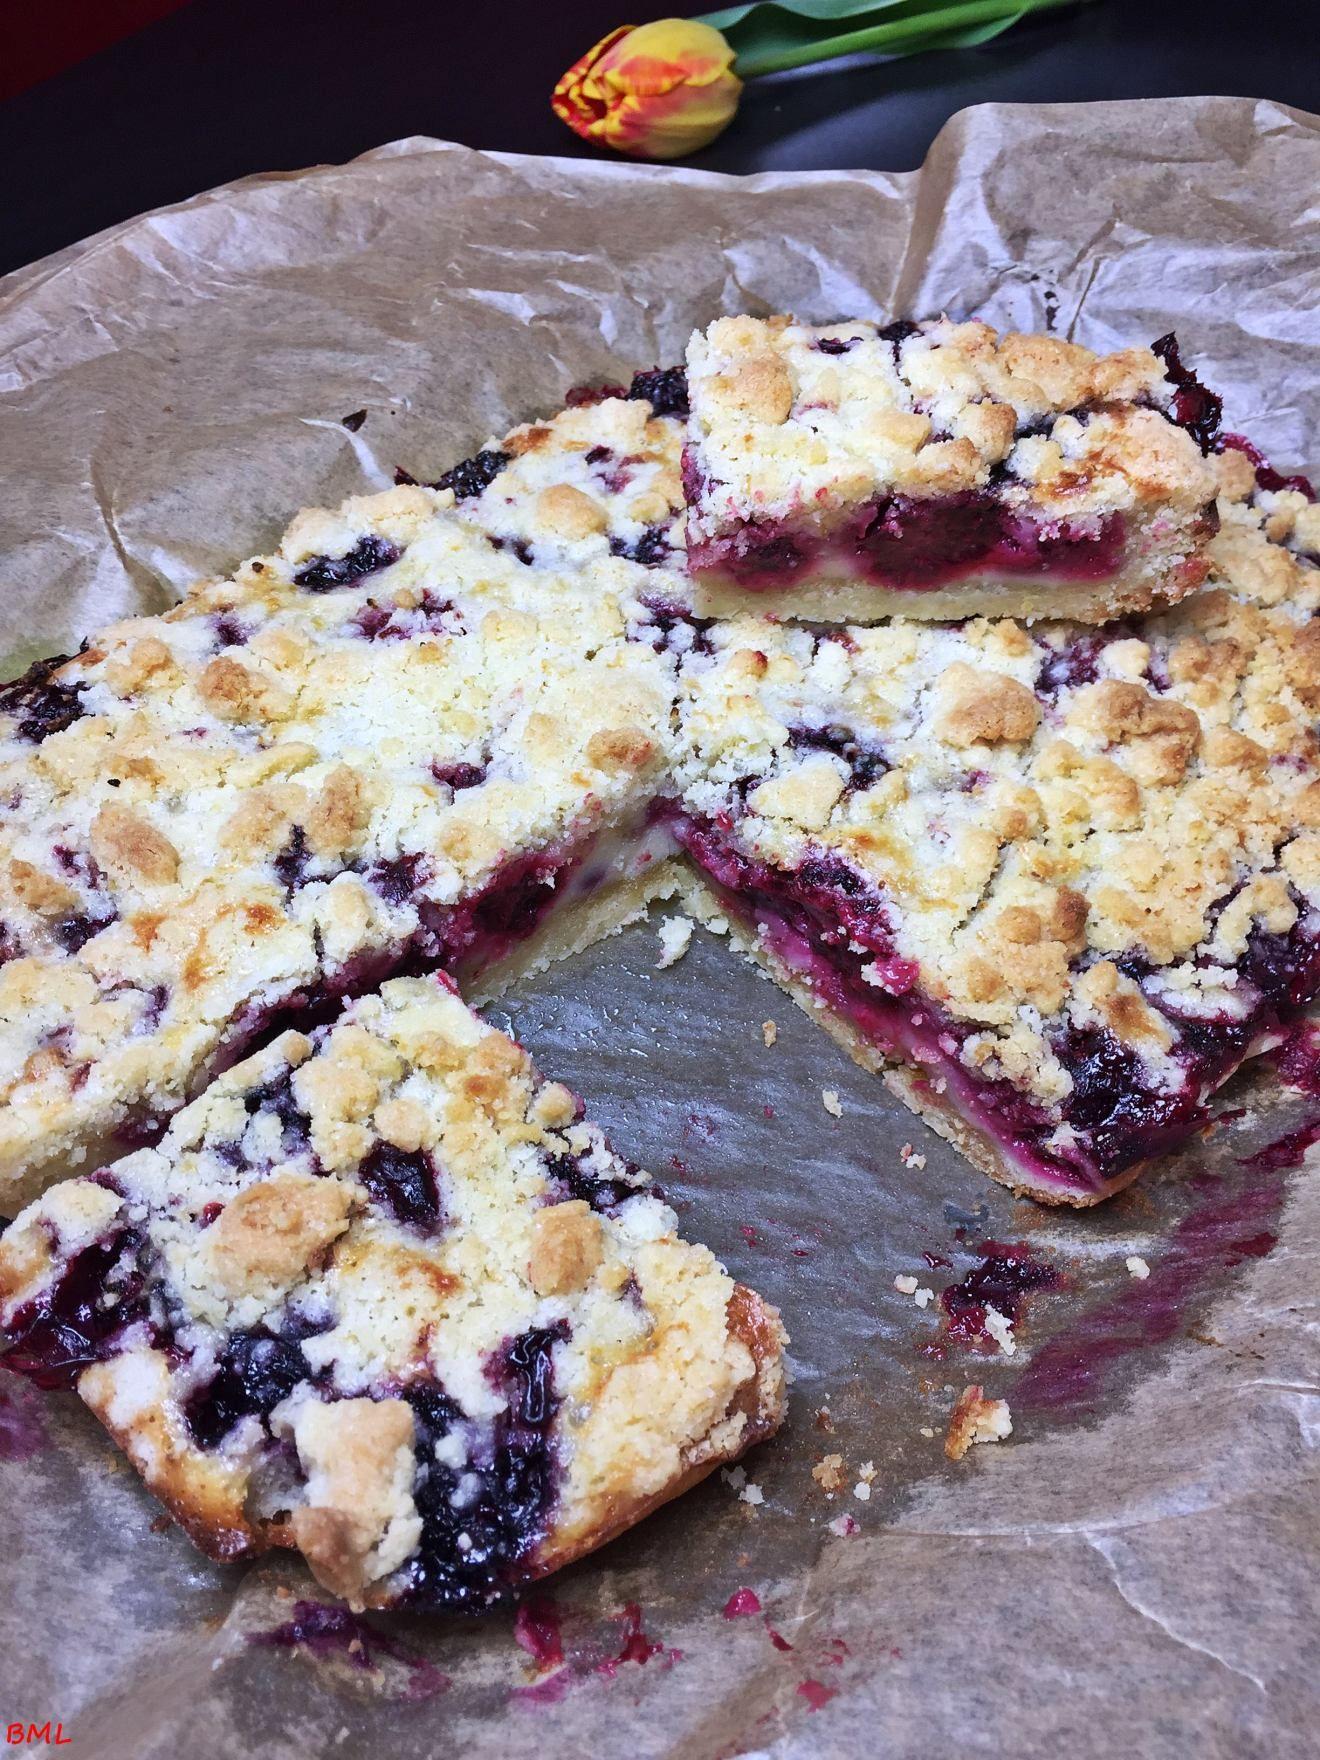 Brombeer-Streusel-Schnitten…Blackberry-Shortbread-Bars #brombeerenrezepte